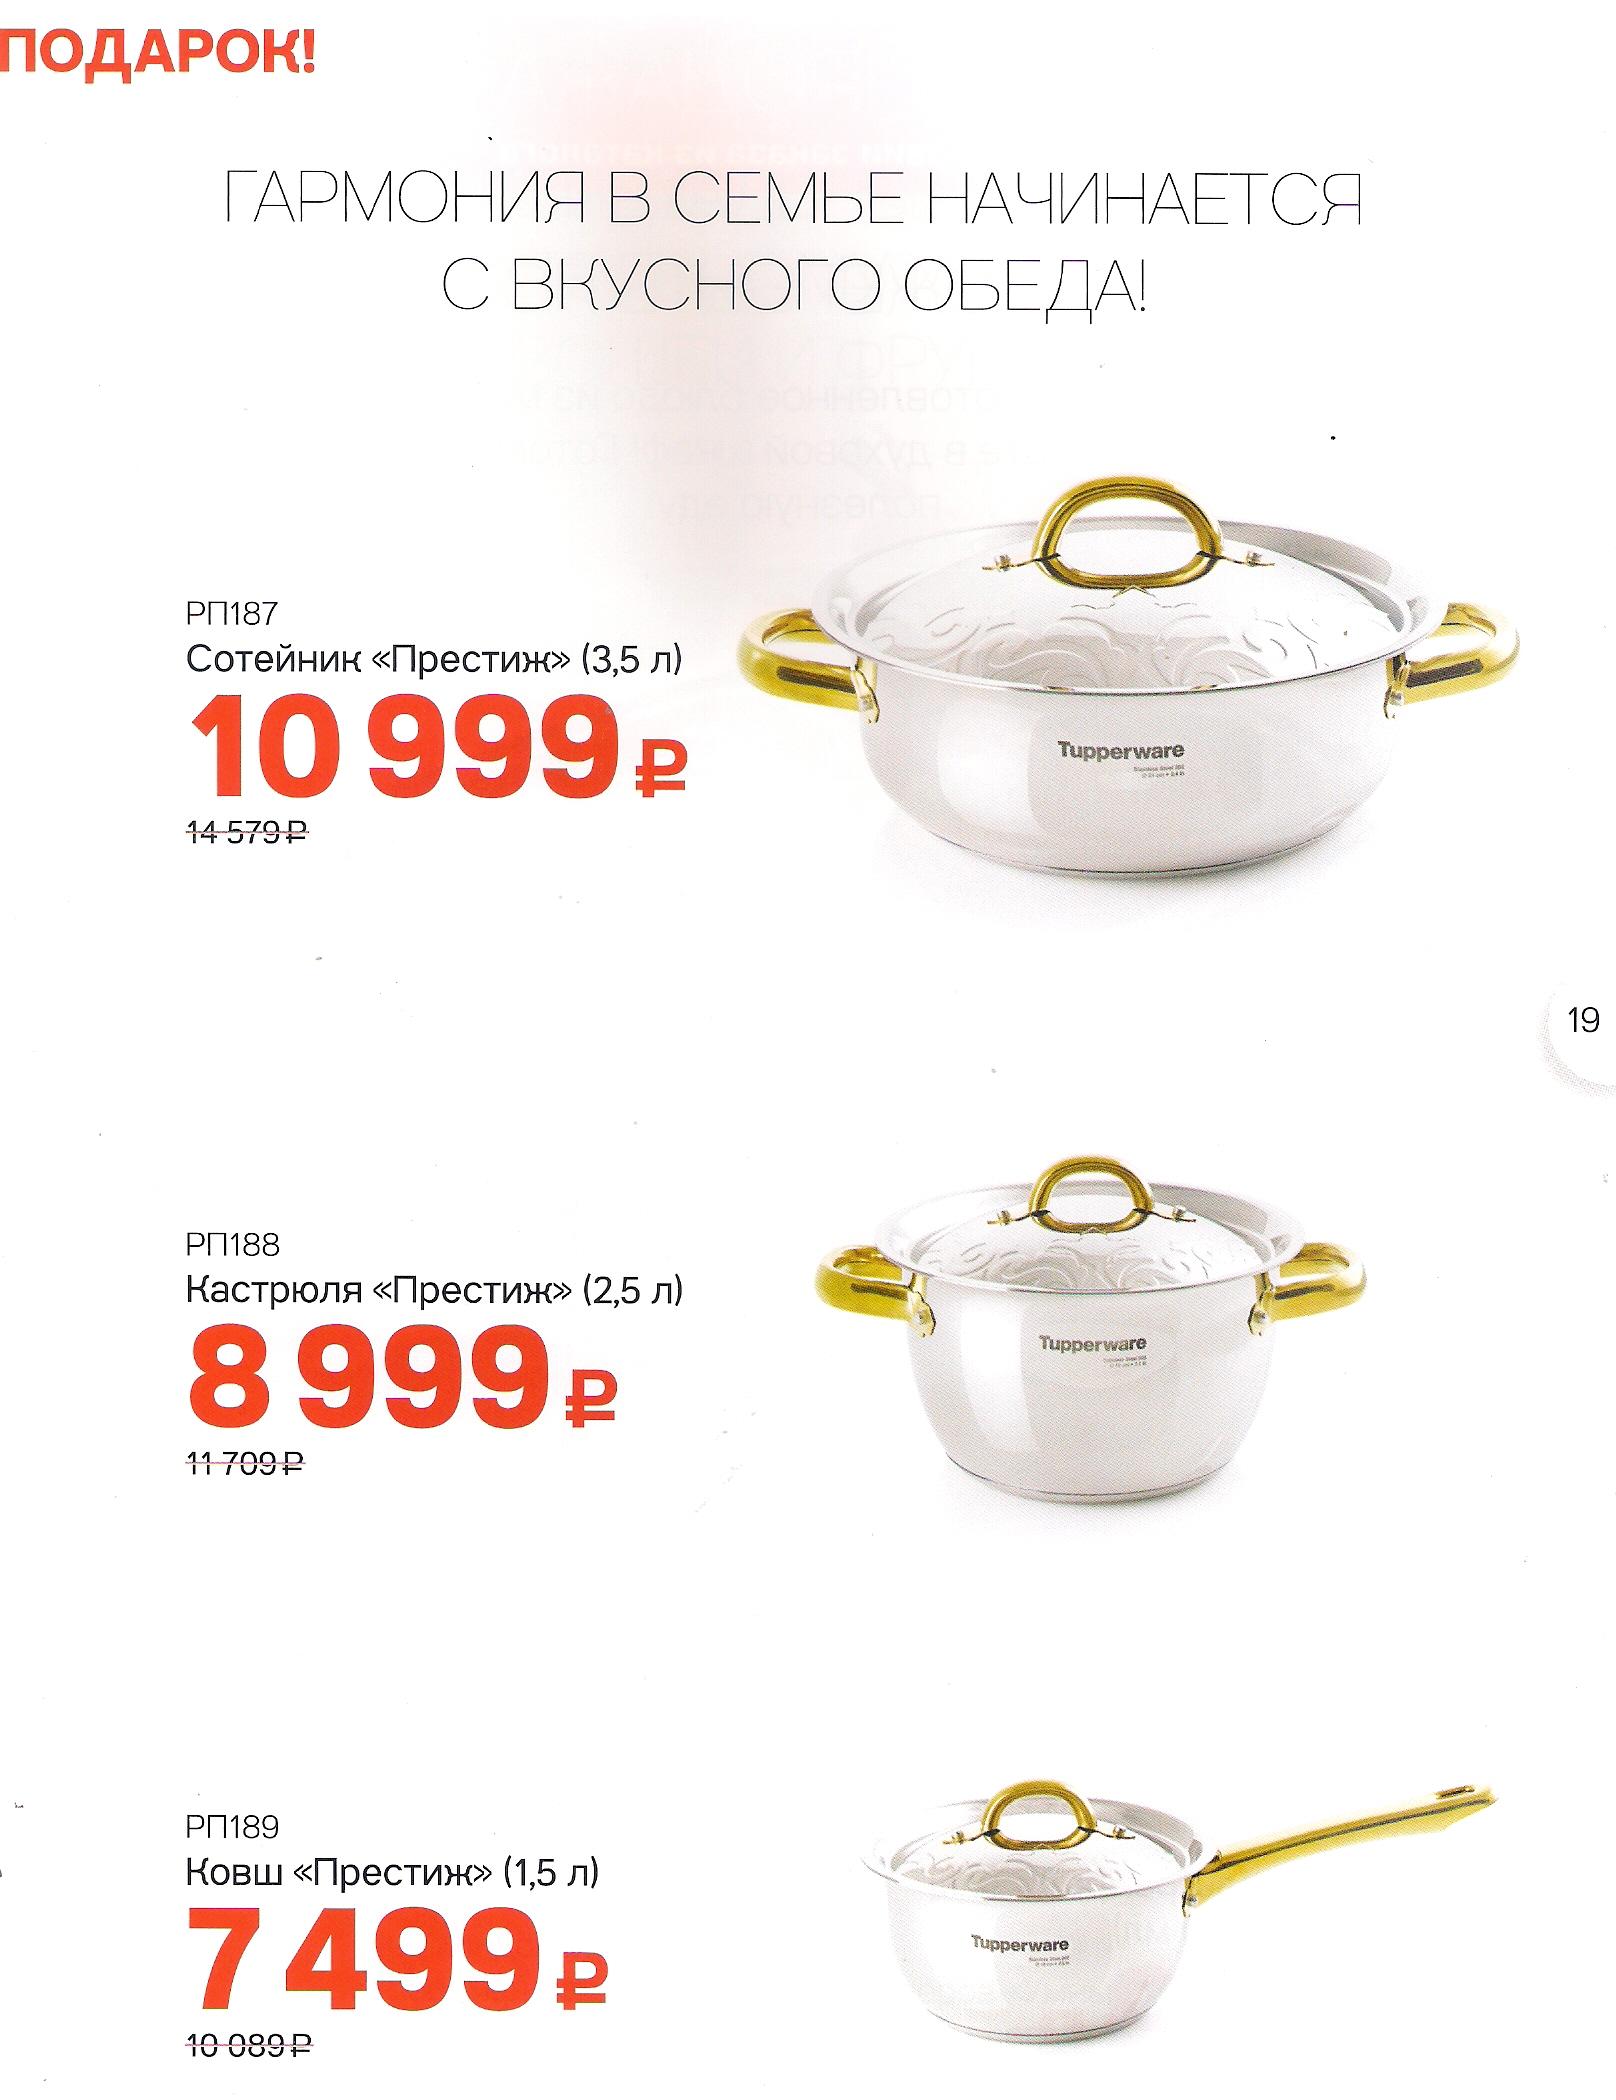 http://tupperware-online.ru/images/upload/11m.jpg